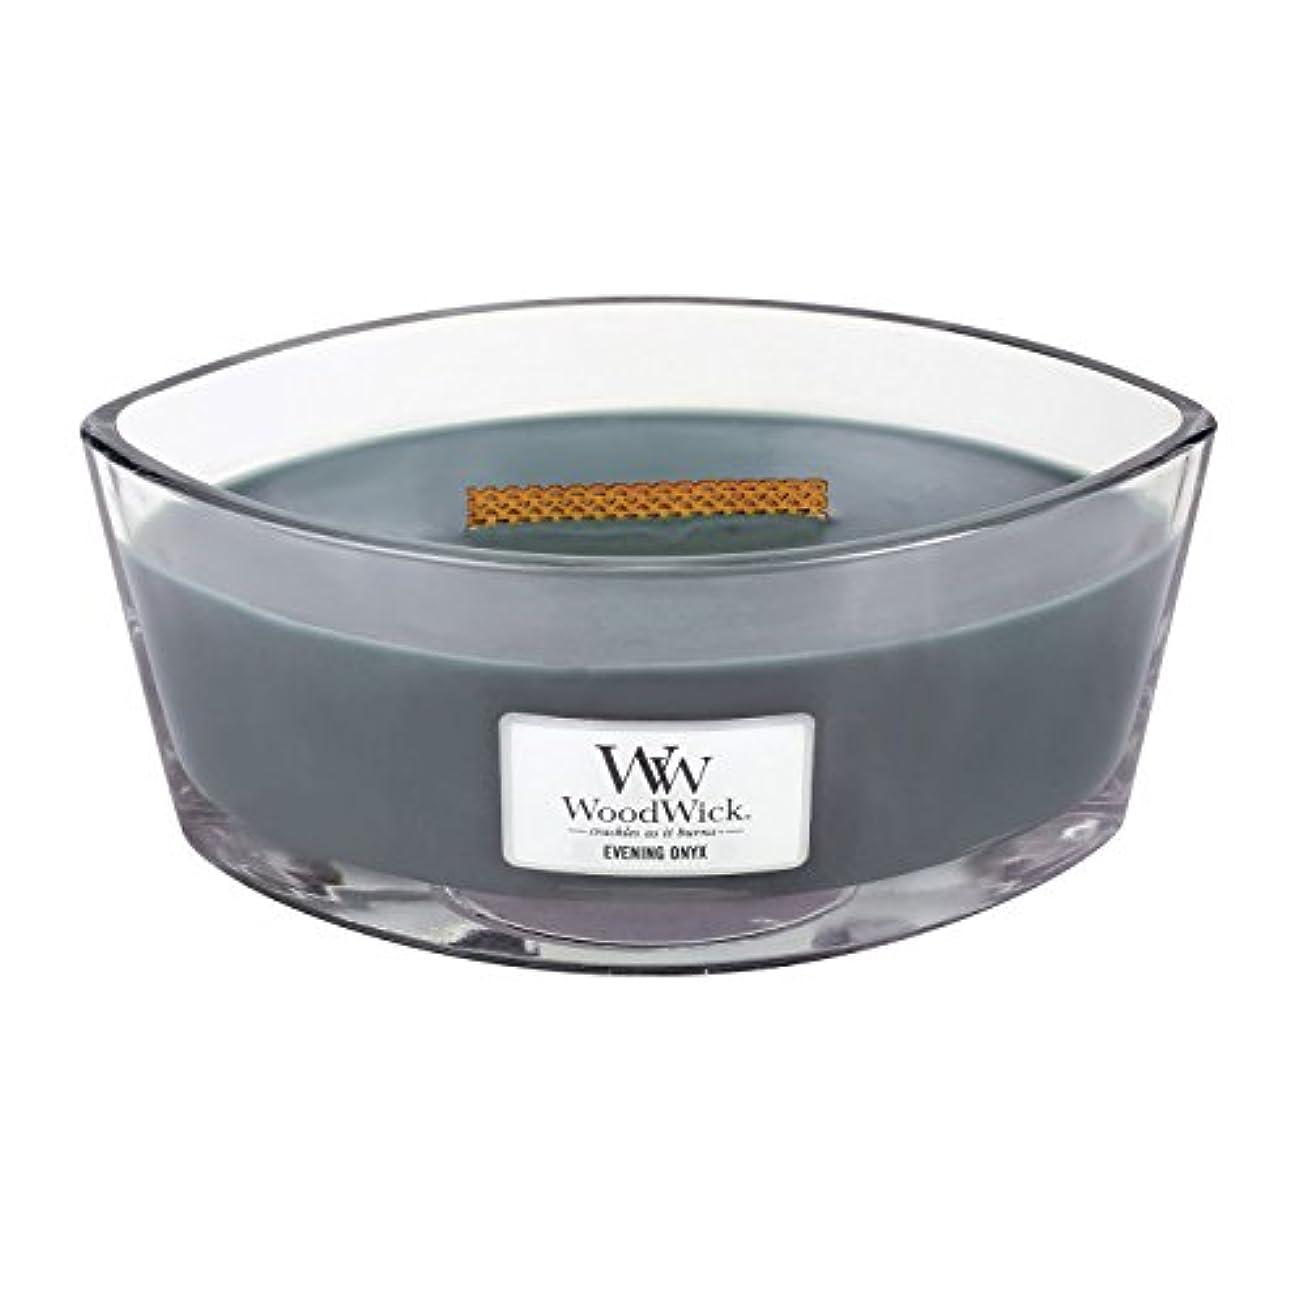 特殊ヘッジ興奮WoodWick EVENING ONYX, Highly Scented Candle, Ellipse Glass Jar with Original HearthWick Flame, Large 18cm, 470ml